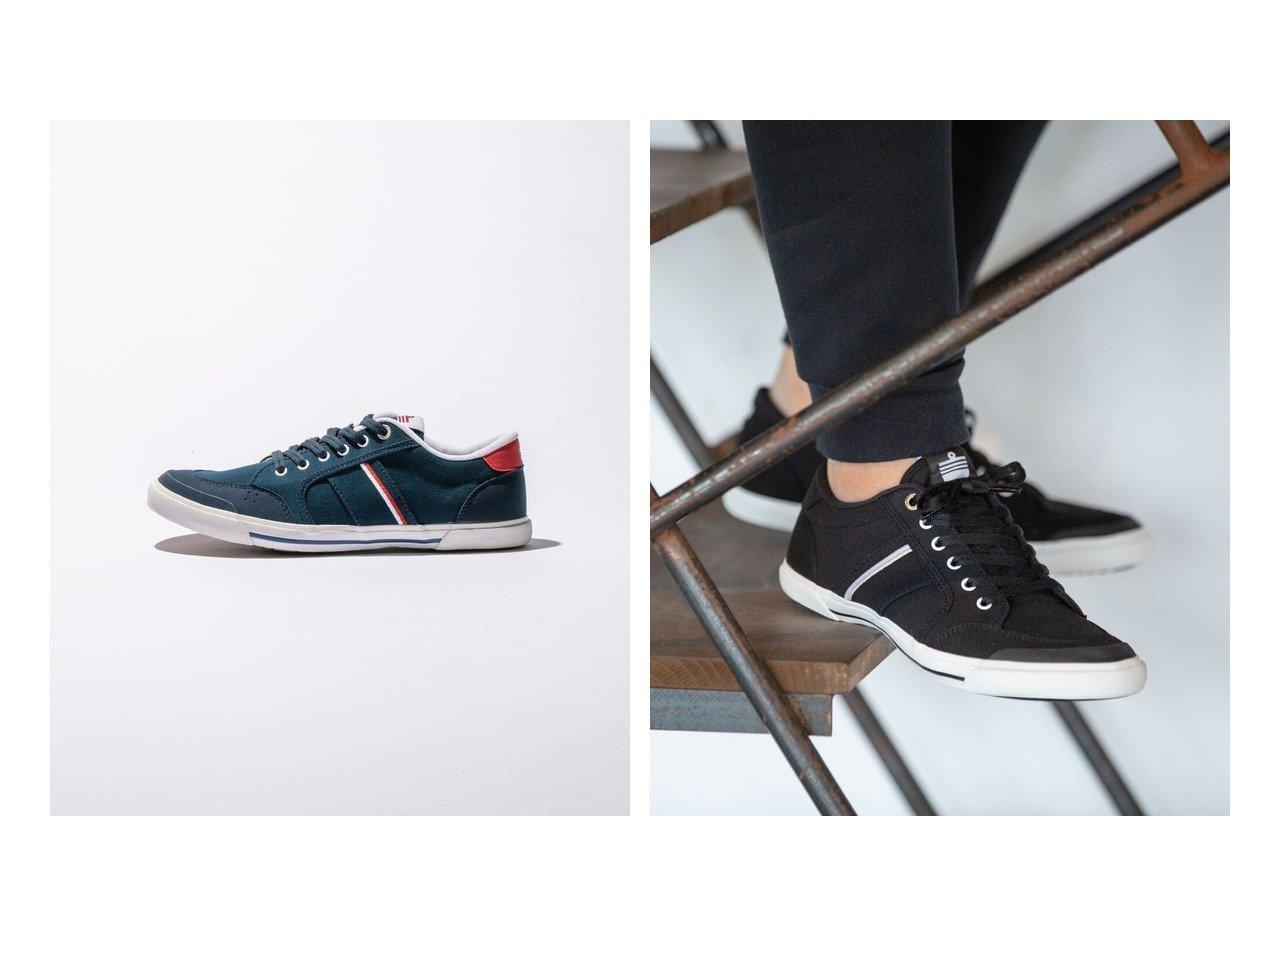 【Admiral Footwear/アドミラルフットウェア】の【WOMEN】【MEN】【スニーカー】【キャンバス】 イノマー ゼロ 【シューズ・靴】おすすめ!人気、トレンド・レディースファッションの通販  おすすめで人気の流行・トレンド、ファッションの通販商品 インテリア・家具・メンズファッション・キッズファッション・レディースファッション・服の通販 founy(ファニー) https://founy.com/ ファッション Fashion レディースファッション WOMEN 送料無料 Free Shipping キャンバス クッション シューズ ストライプ スニーカー スマート ライニング 抗菌 |ID:crp329100000062298